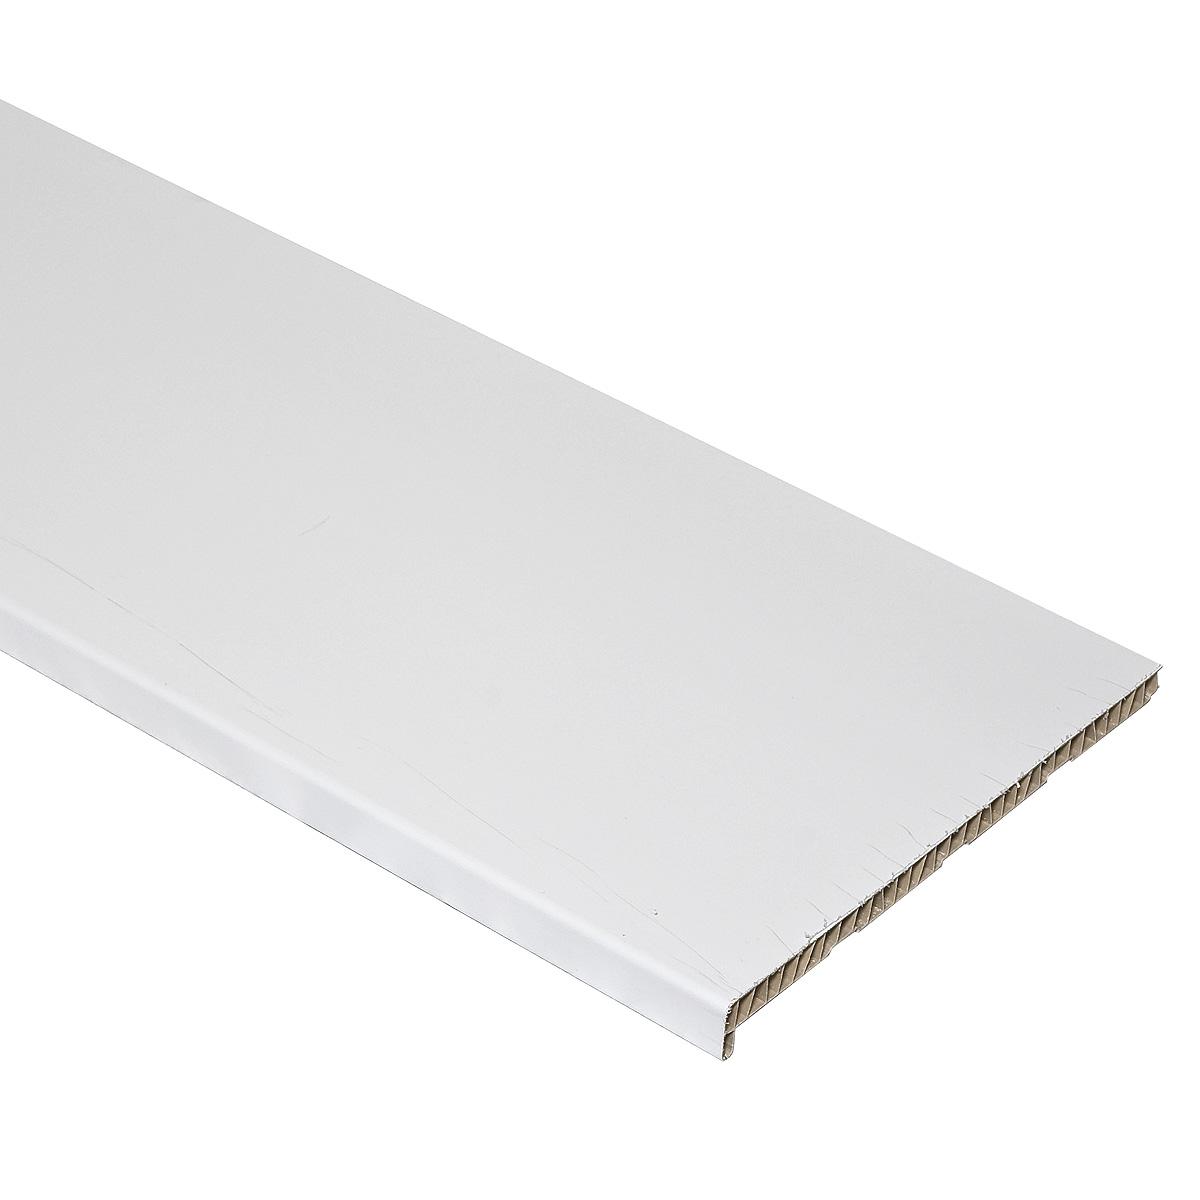 Подоконник пластиковый белый 400х3000 мм Стандарт